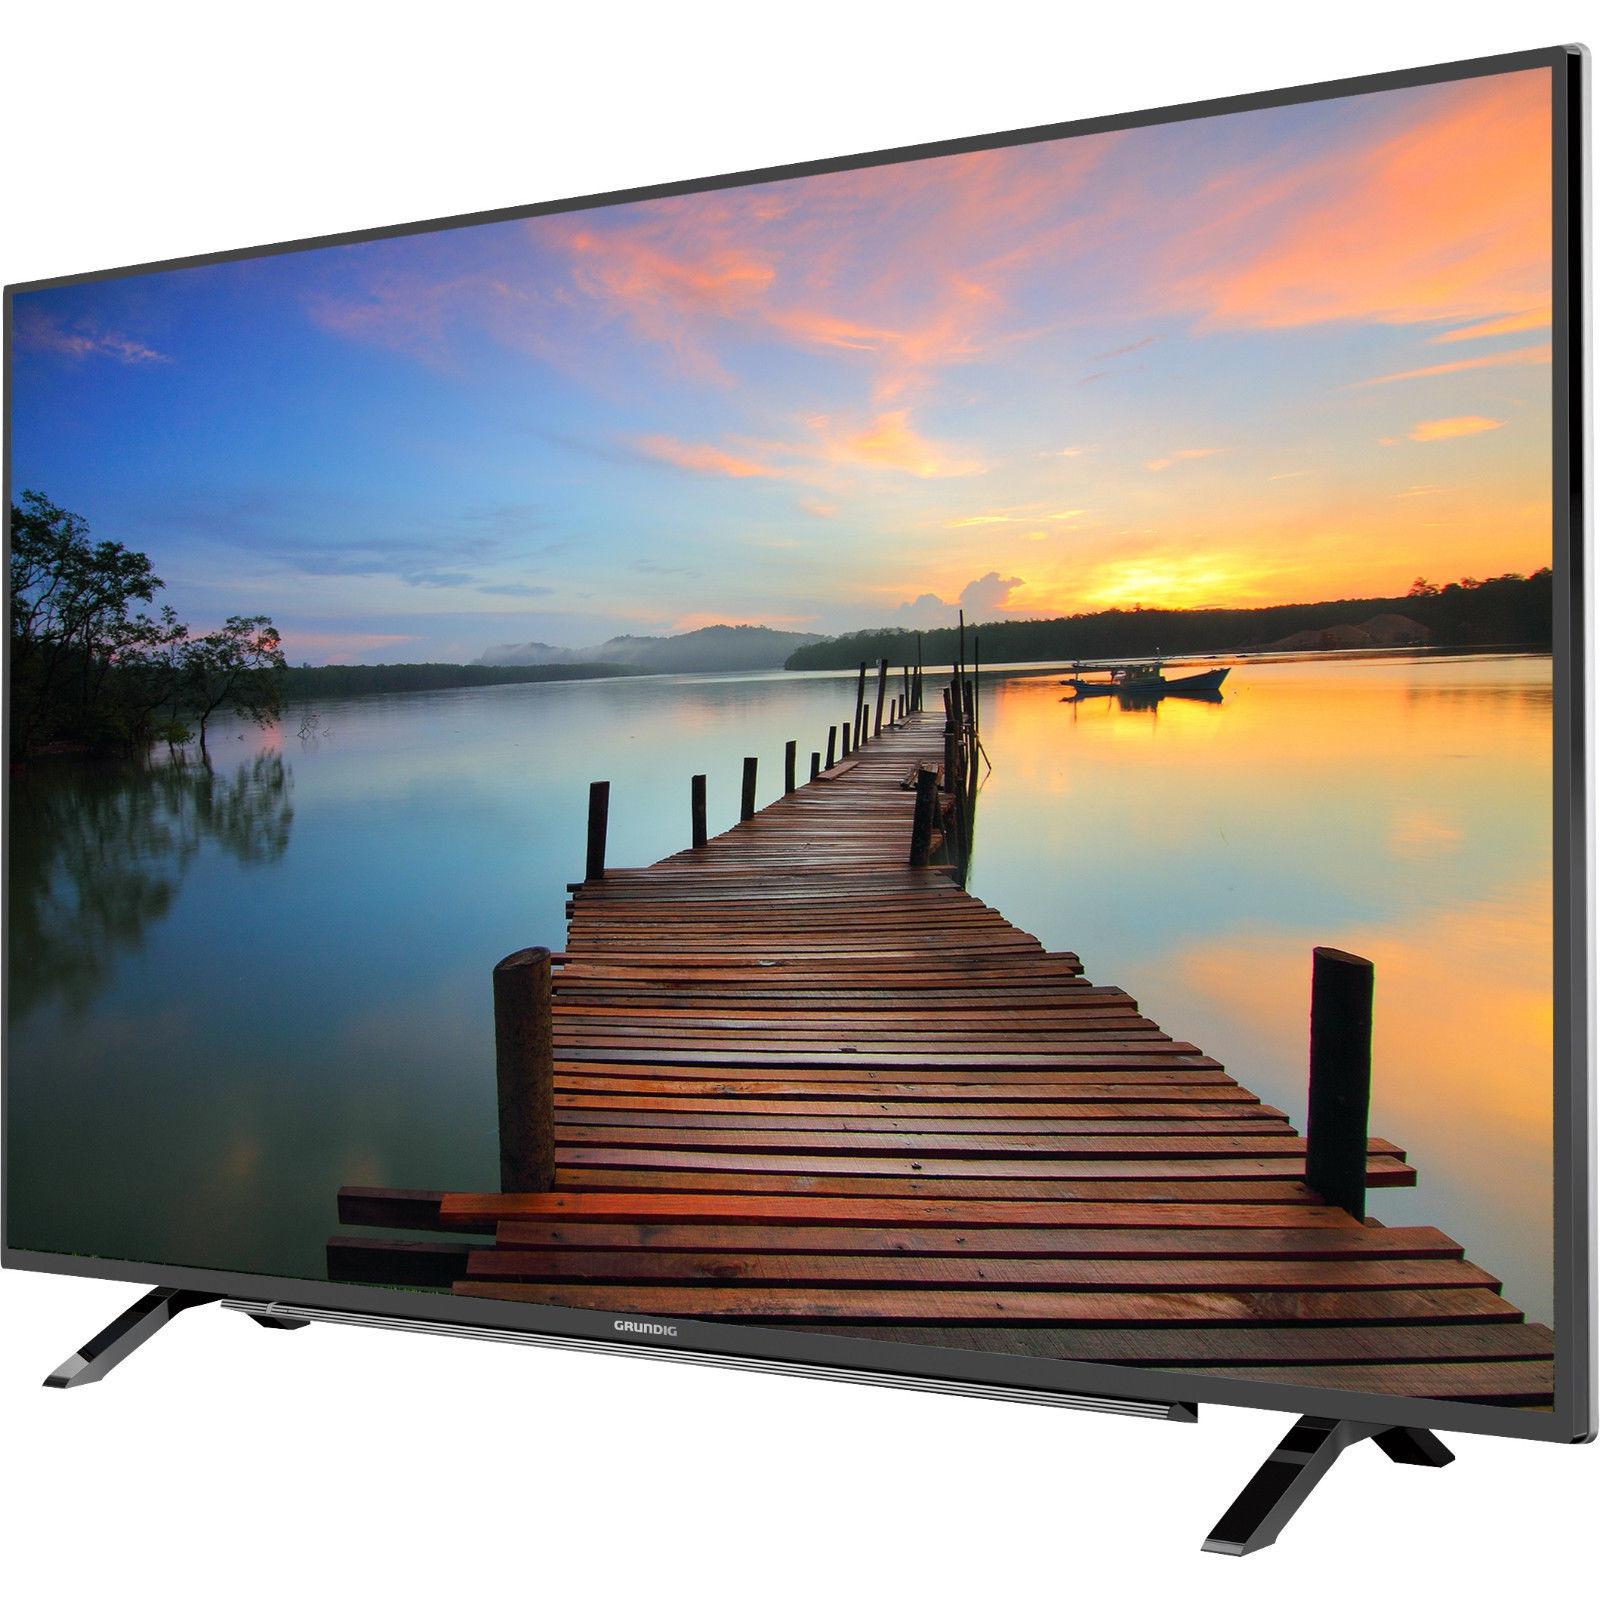 Grundig 55GUB8766 55 Zoll UHD LED Fernseher Smart-TV Triple Tuner 1300 VPI